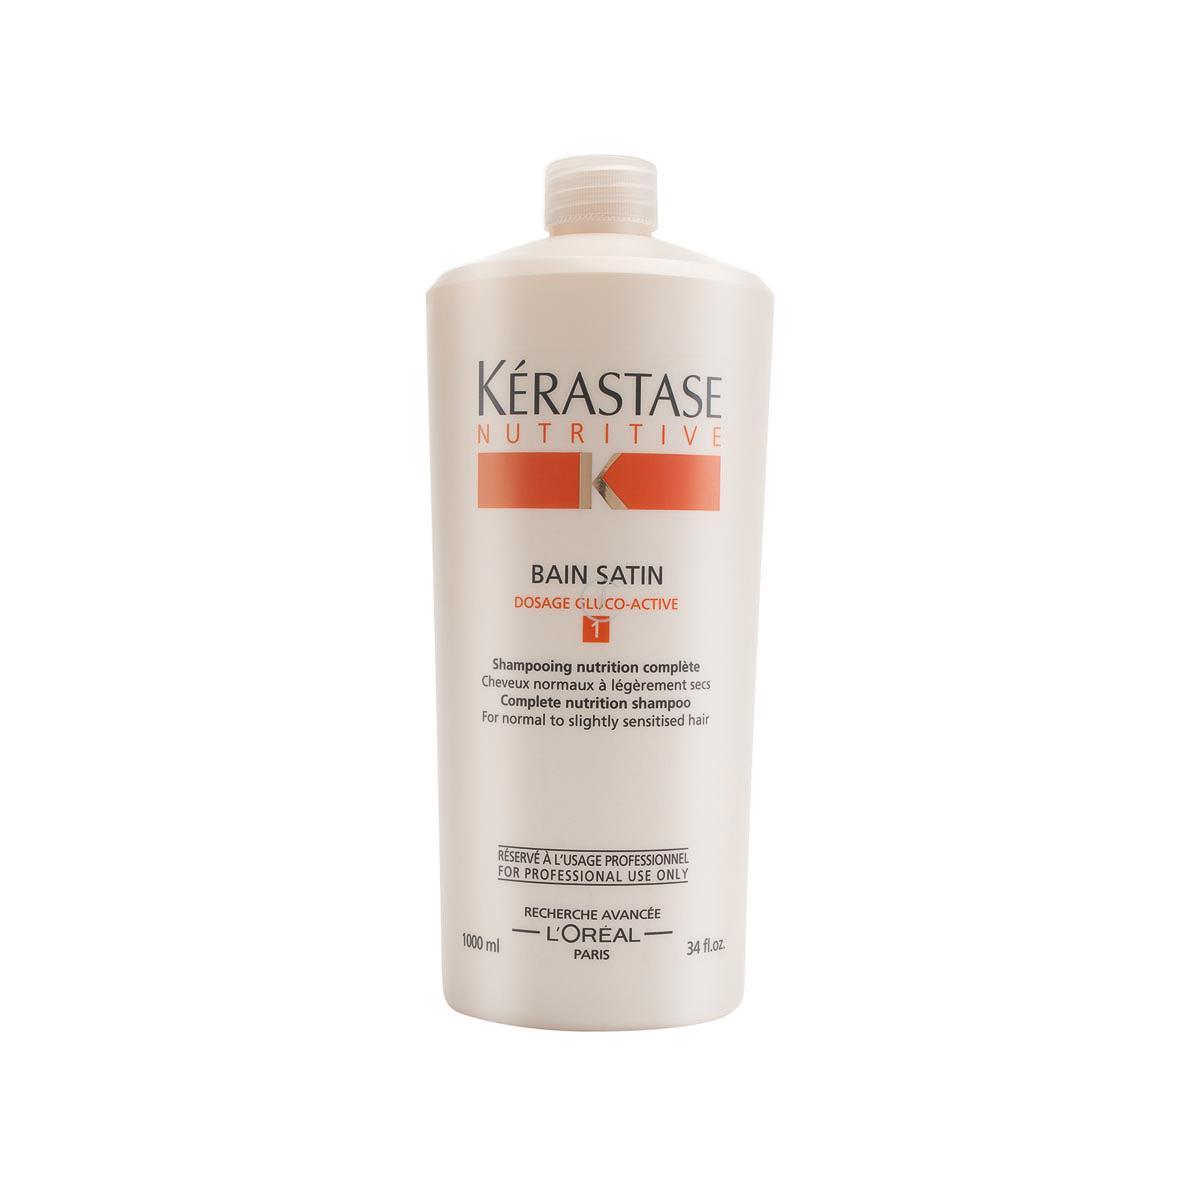 Kąpiel odżywcza do włosów lekko suchych i uwrażliwionych